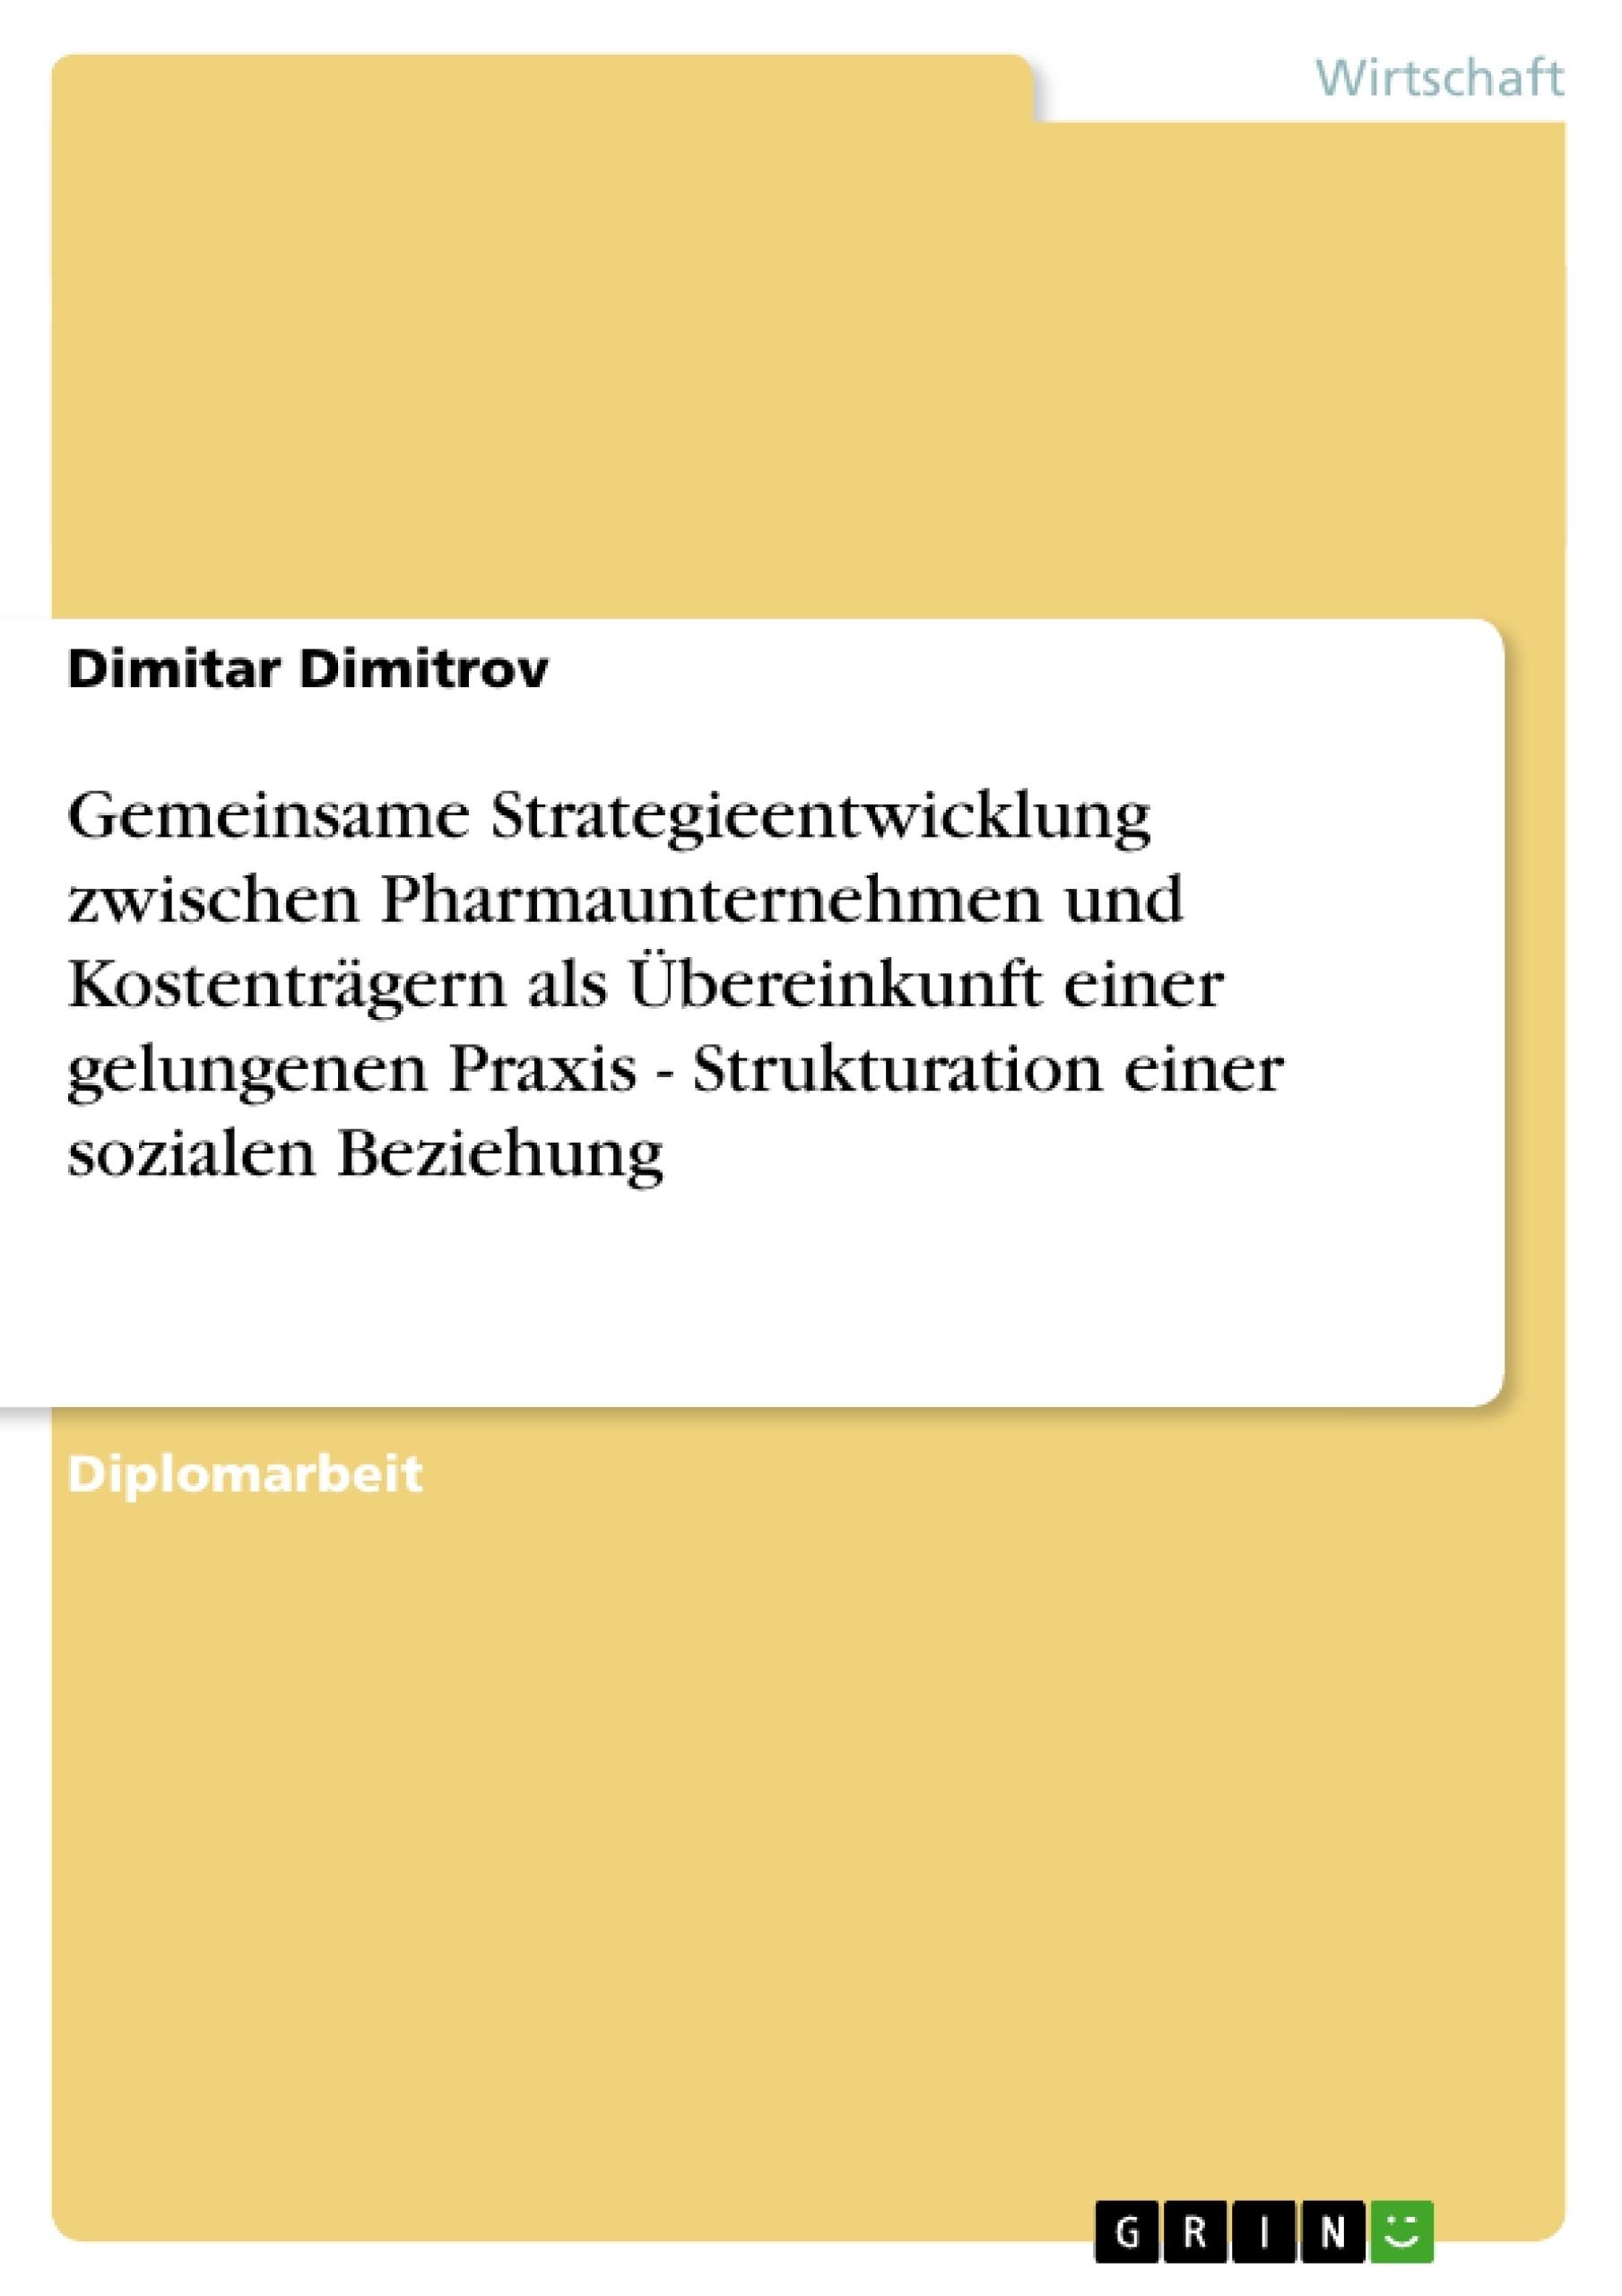 Titel: Gemeinsame Strategieentwicklung zwischen Pharmaunternehmen und Kostenträgern als Übereinkunft einer gelungenen Praxis - Strukturation einer sozialen Beziehung